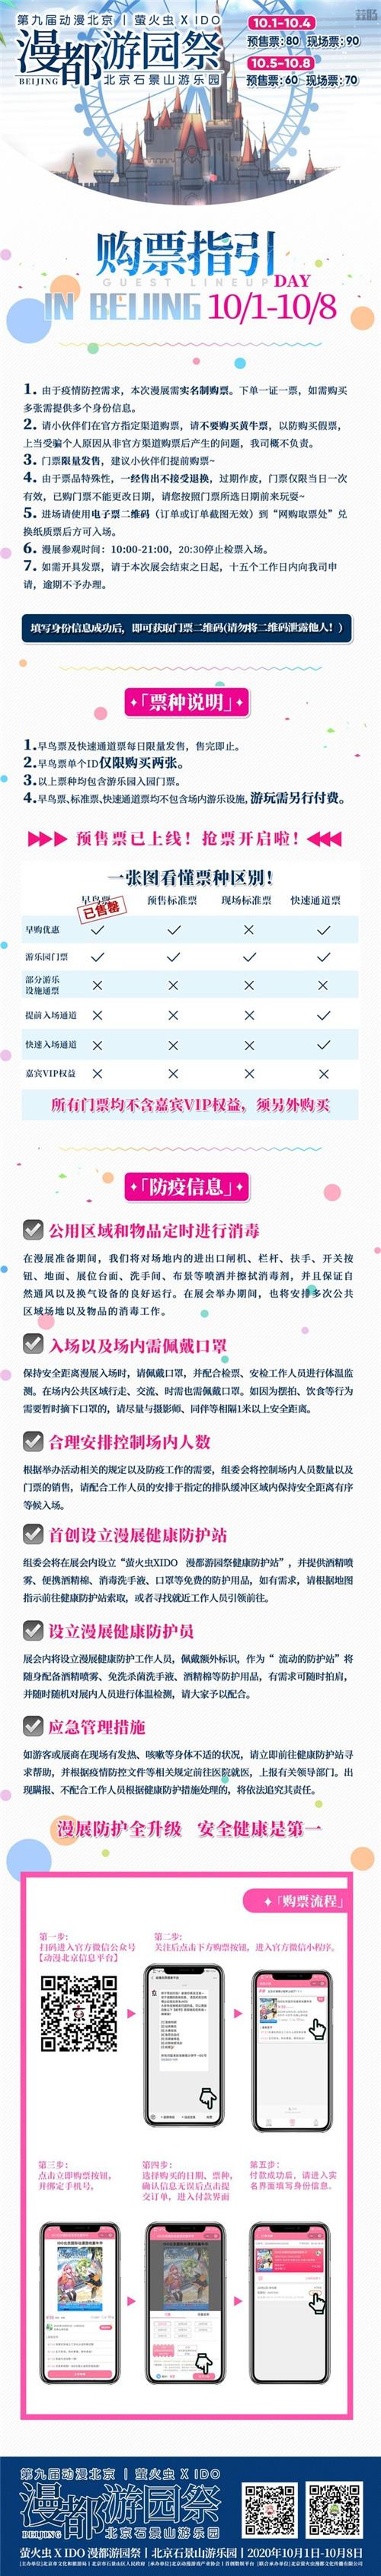 第九届动漫北京暨萤火虫×IDO 漫都游园祭全情报公开!! 漫展 第13张